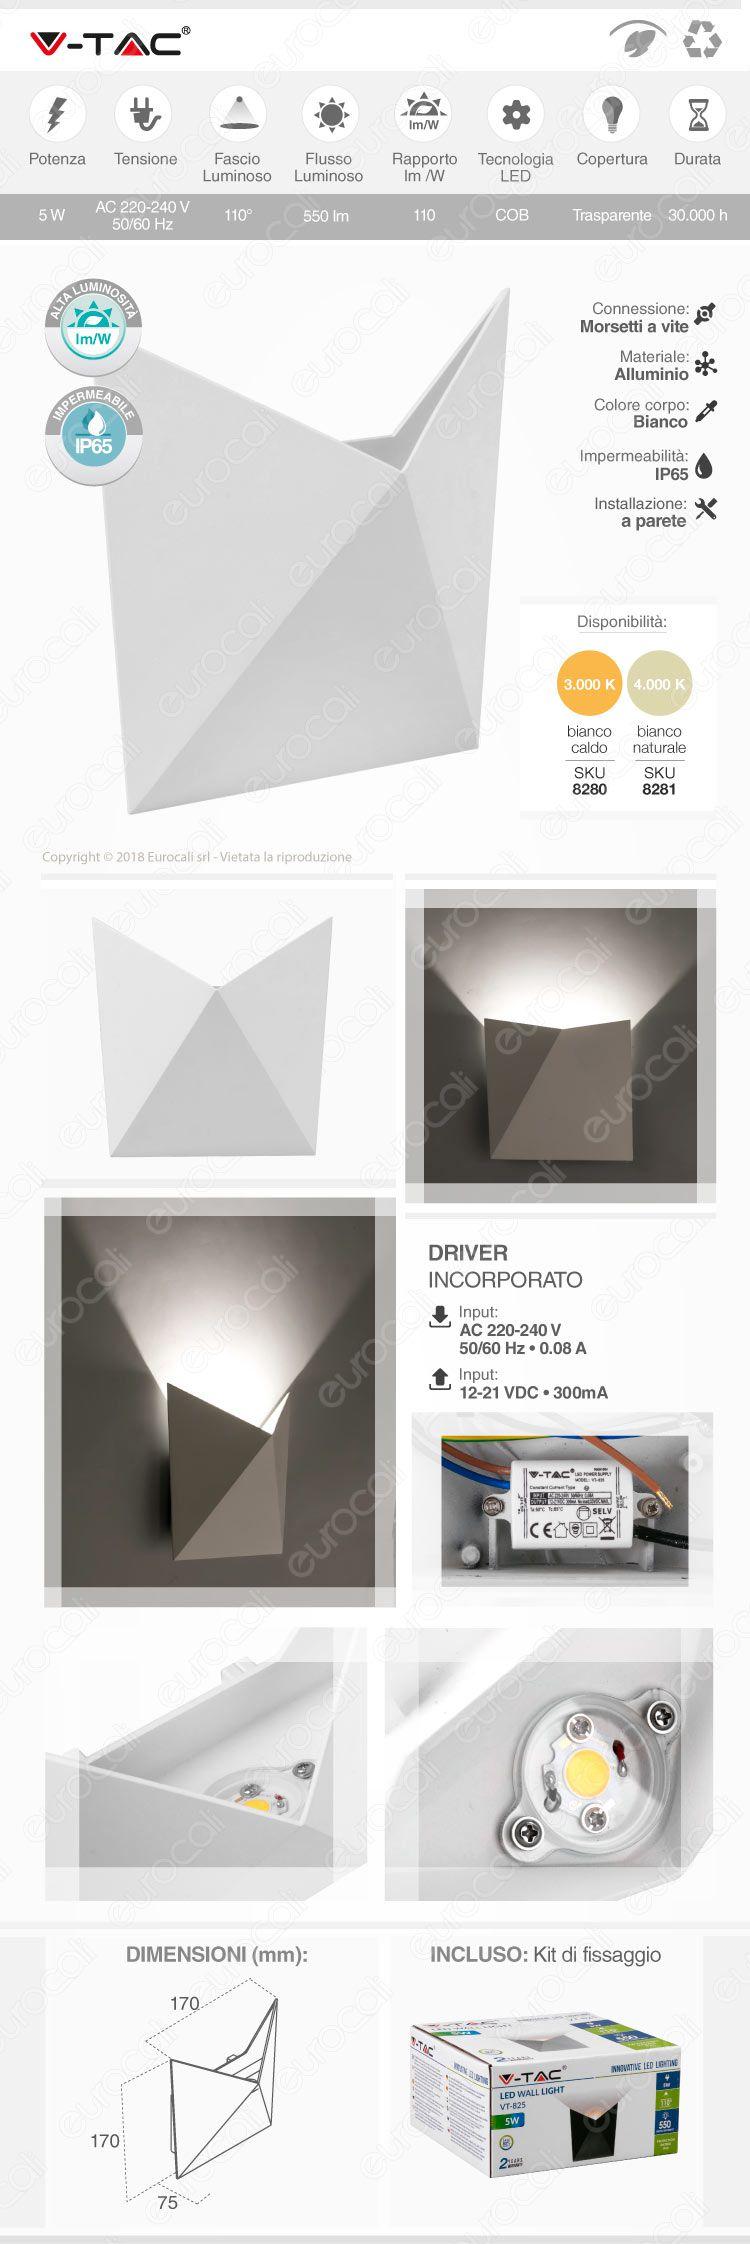 wall lamp v-tac